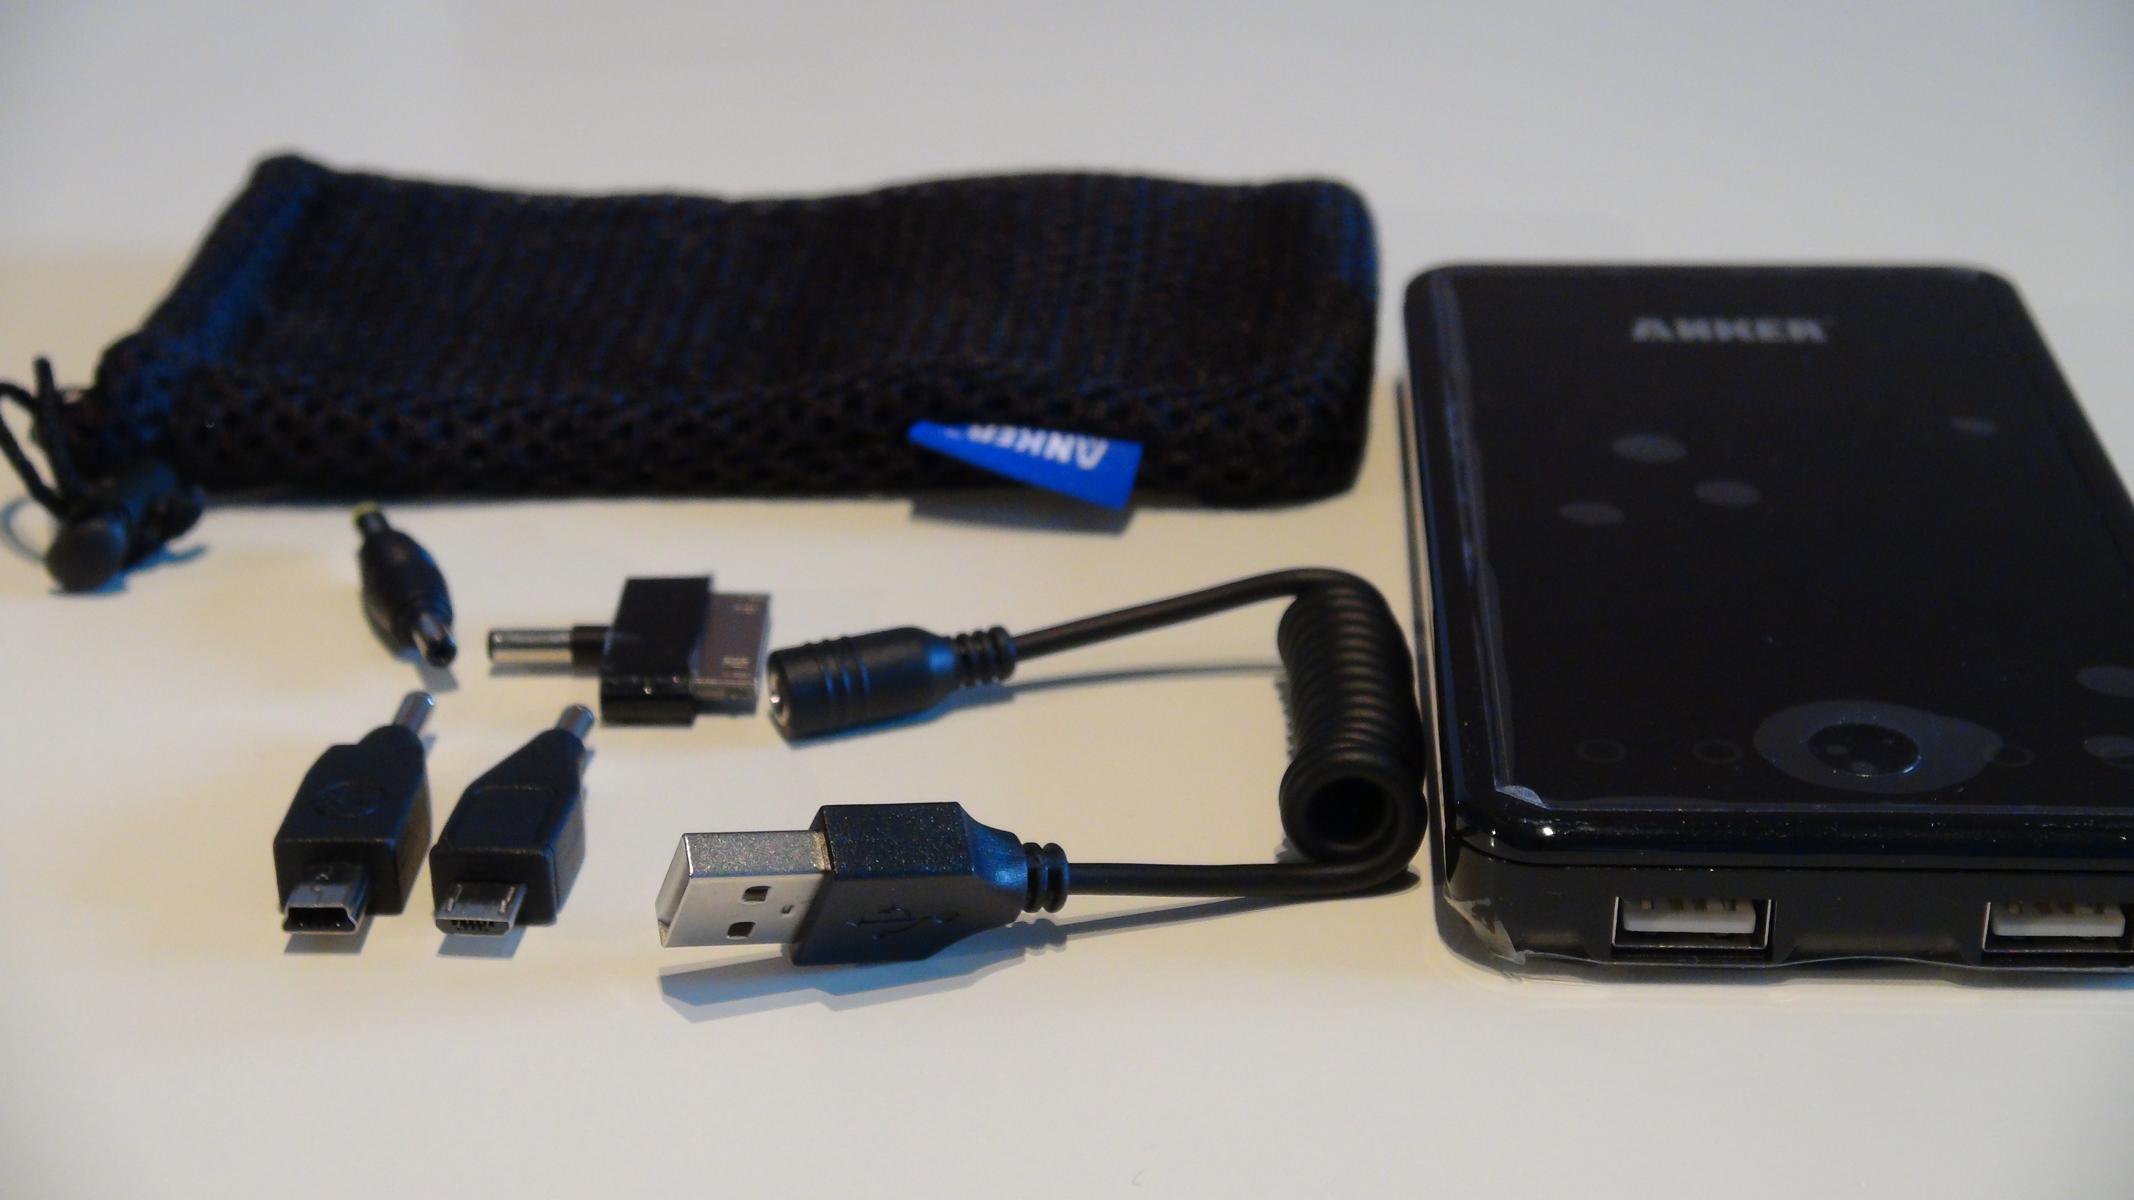 18 месяцев гарантии для кабеля - очень даже немало. Фото: external-battery-charger.com